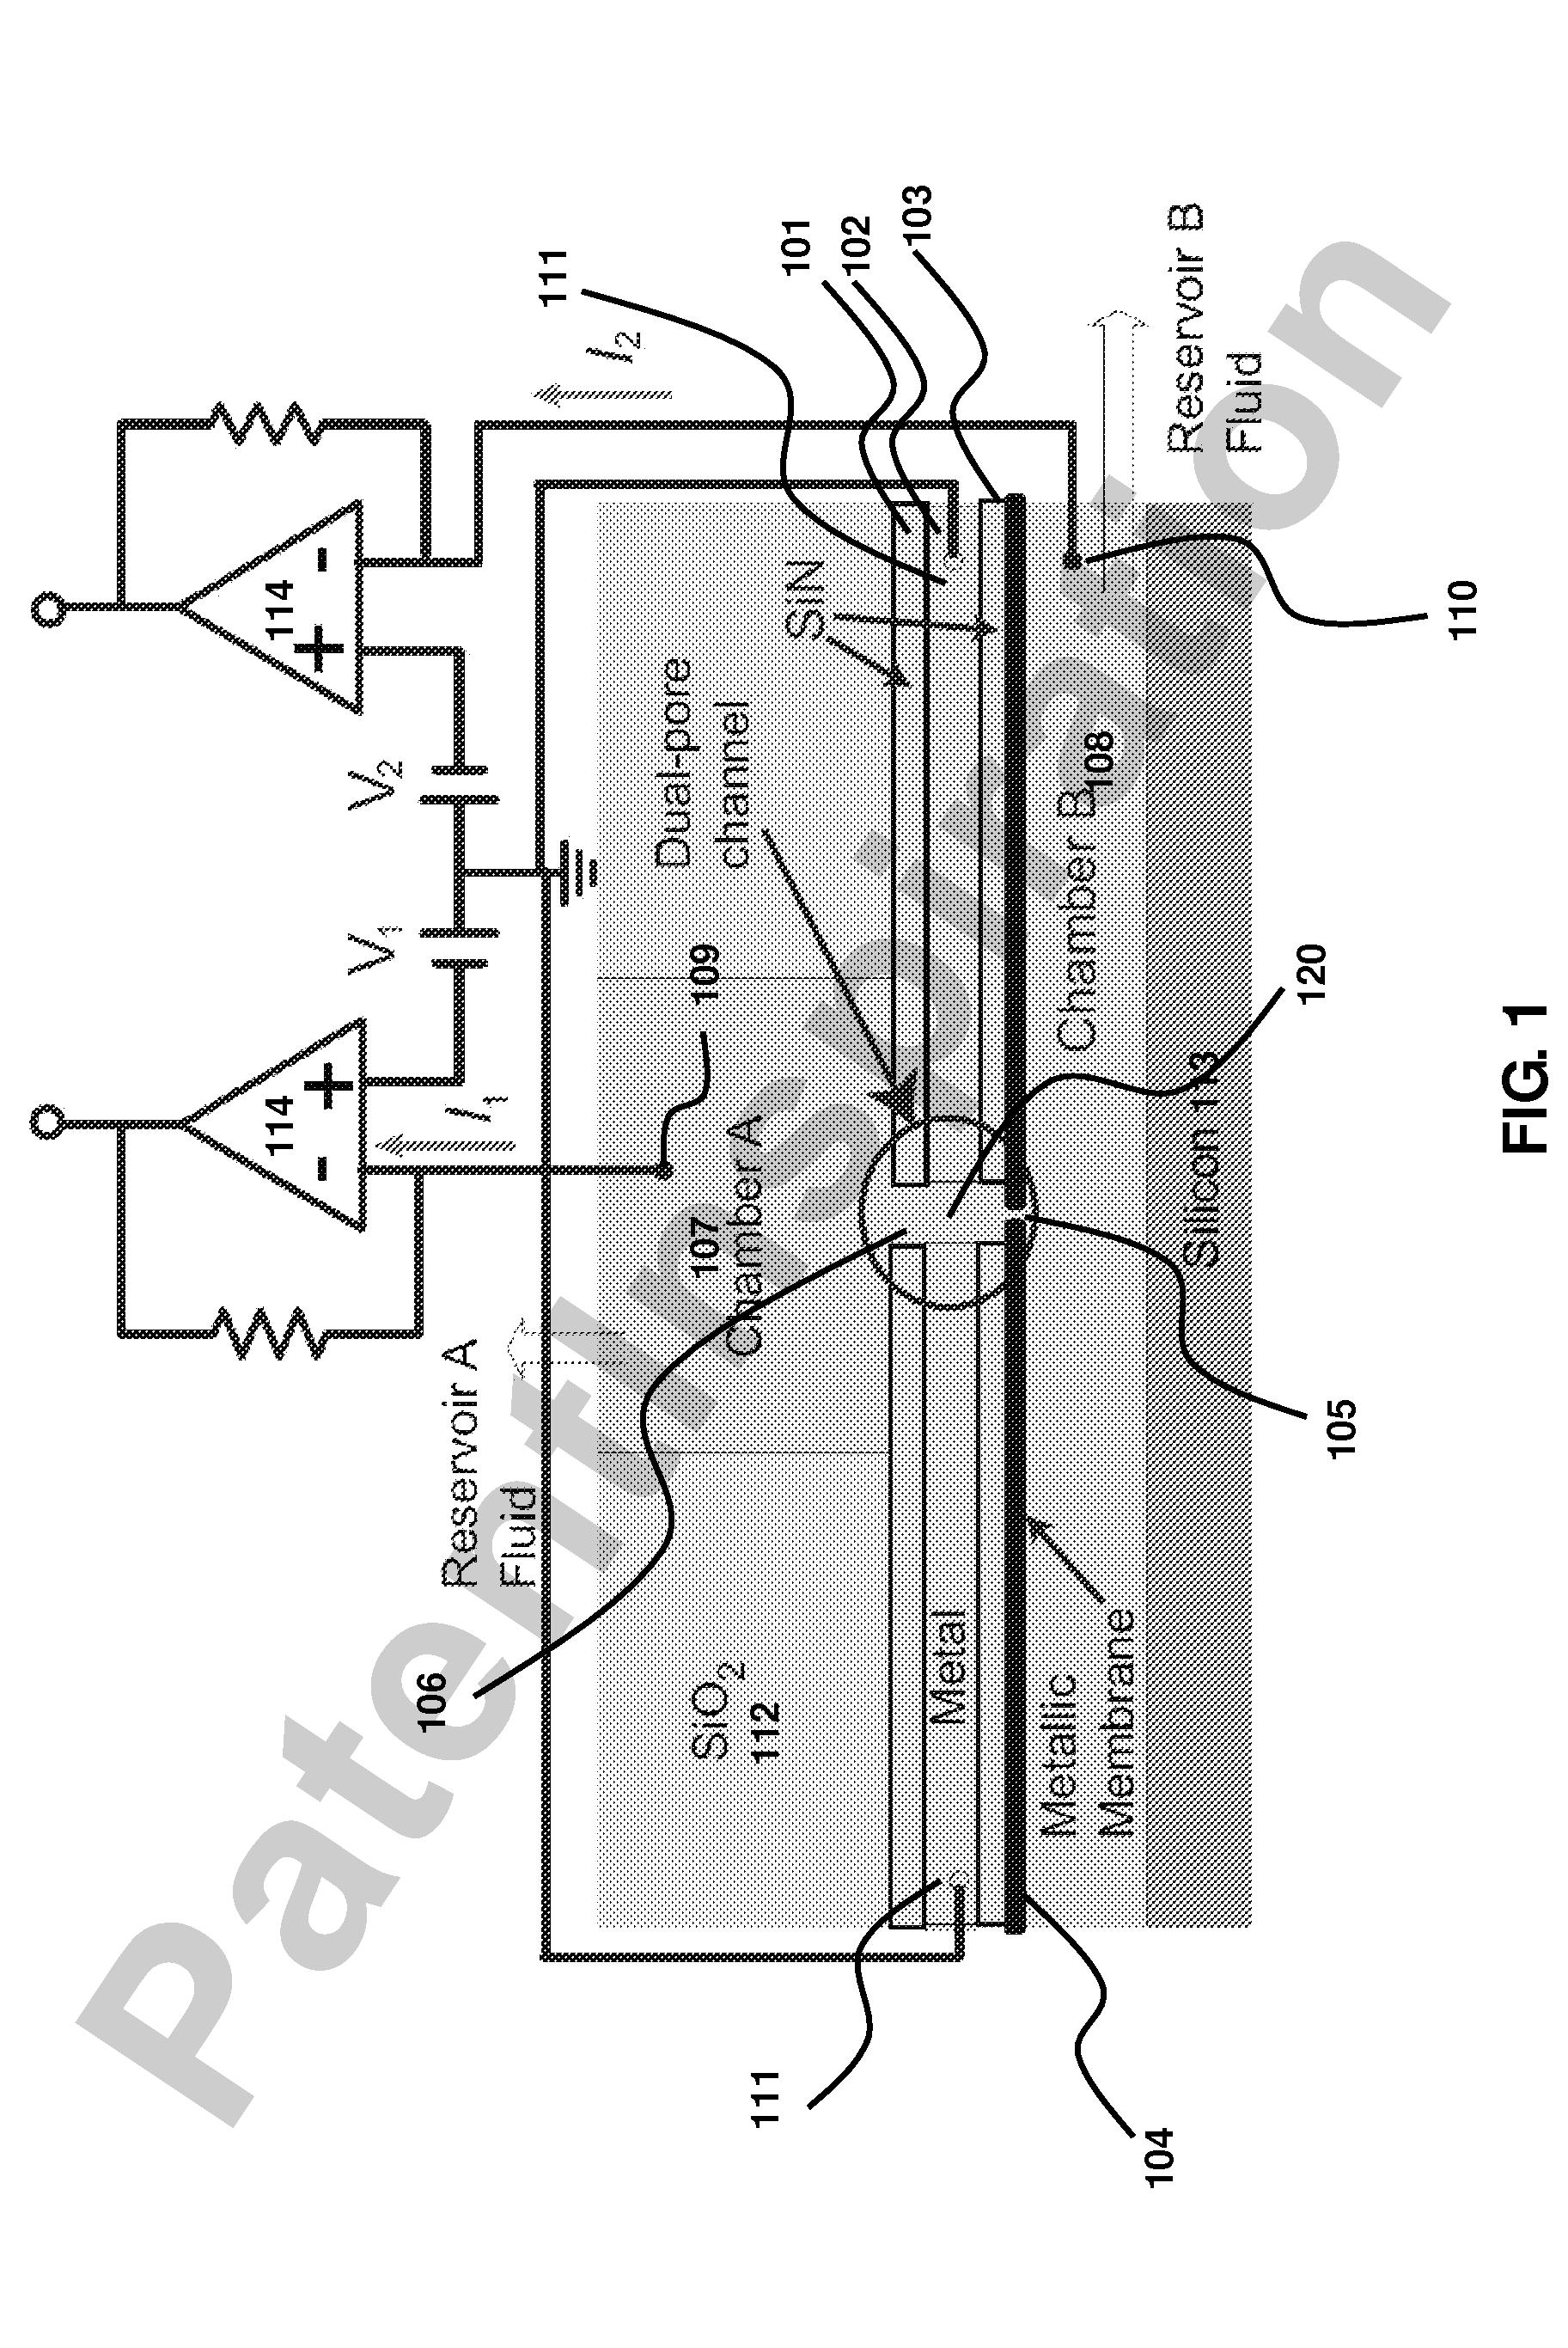 hino alternator wiring diagram - free download wiring diagrams, Wiring diagram